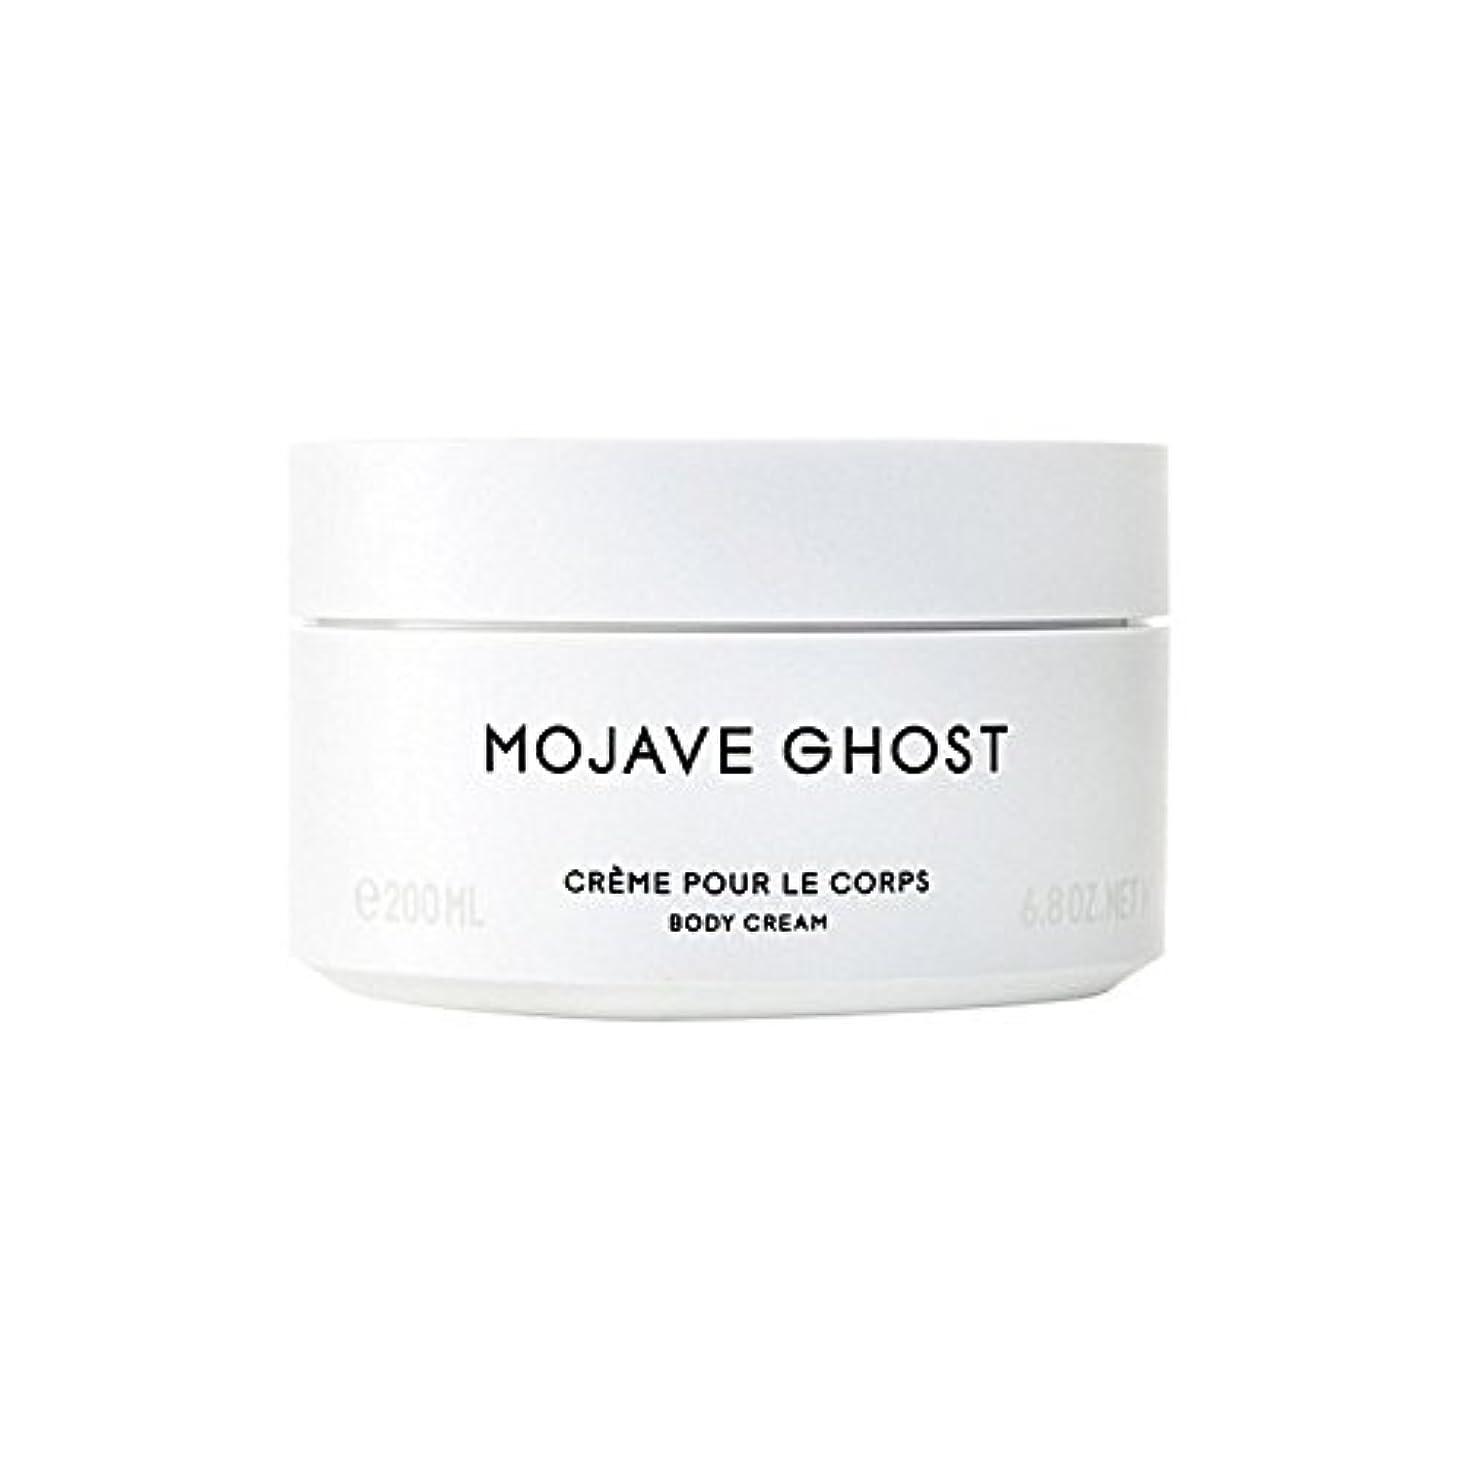 トレッド準備ができてベンチャーモハーベゴーストボディクリーム200ミリリットル x4 - Byredo Mojave Ghost Body Cream 200ml (Pack of 4) [並行輸入品]